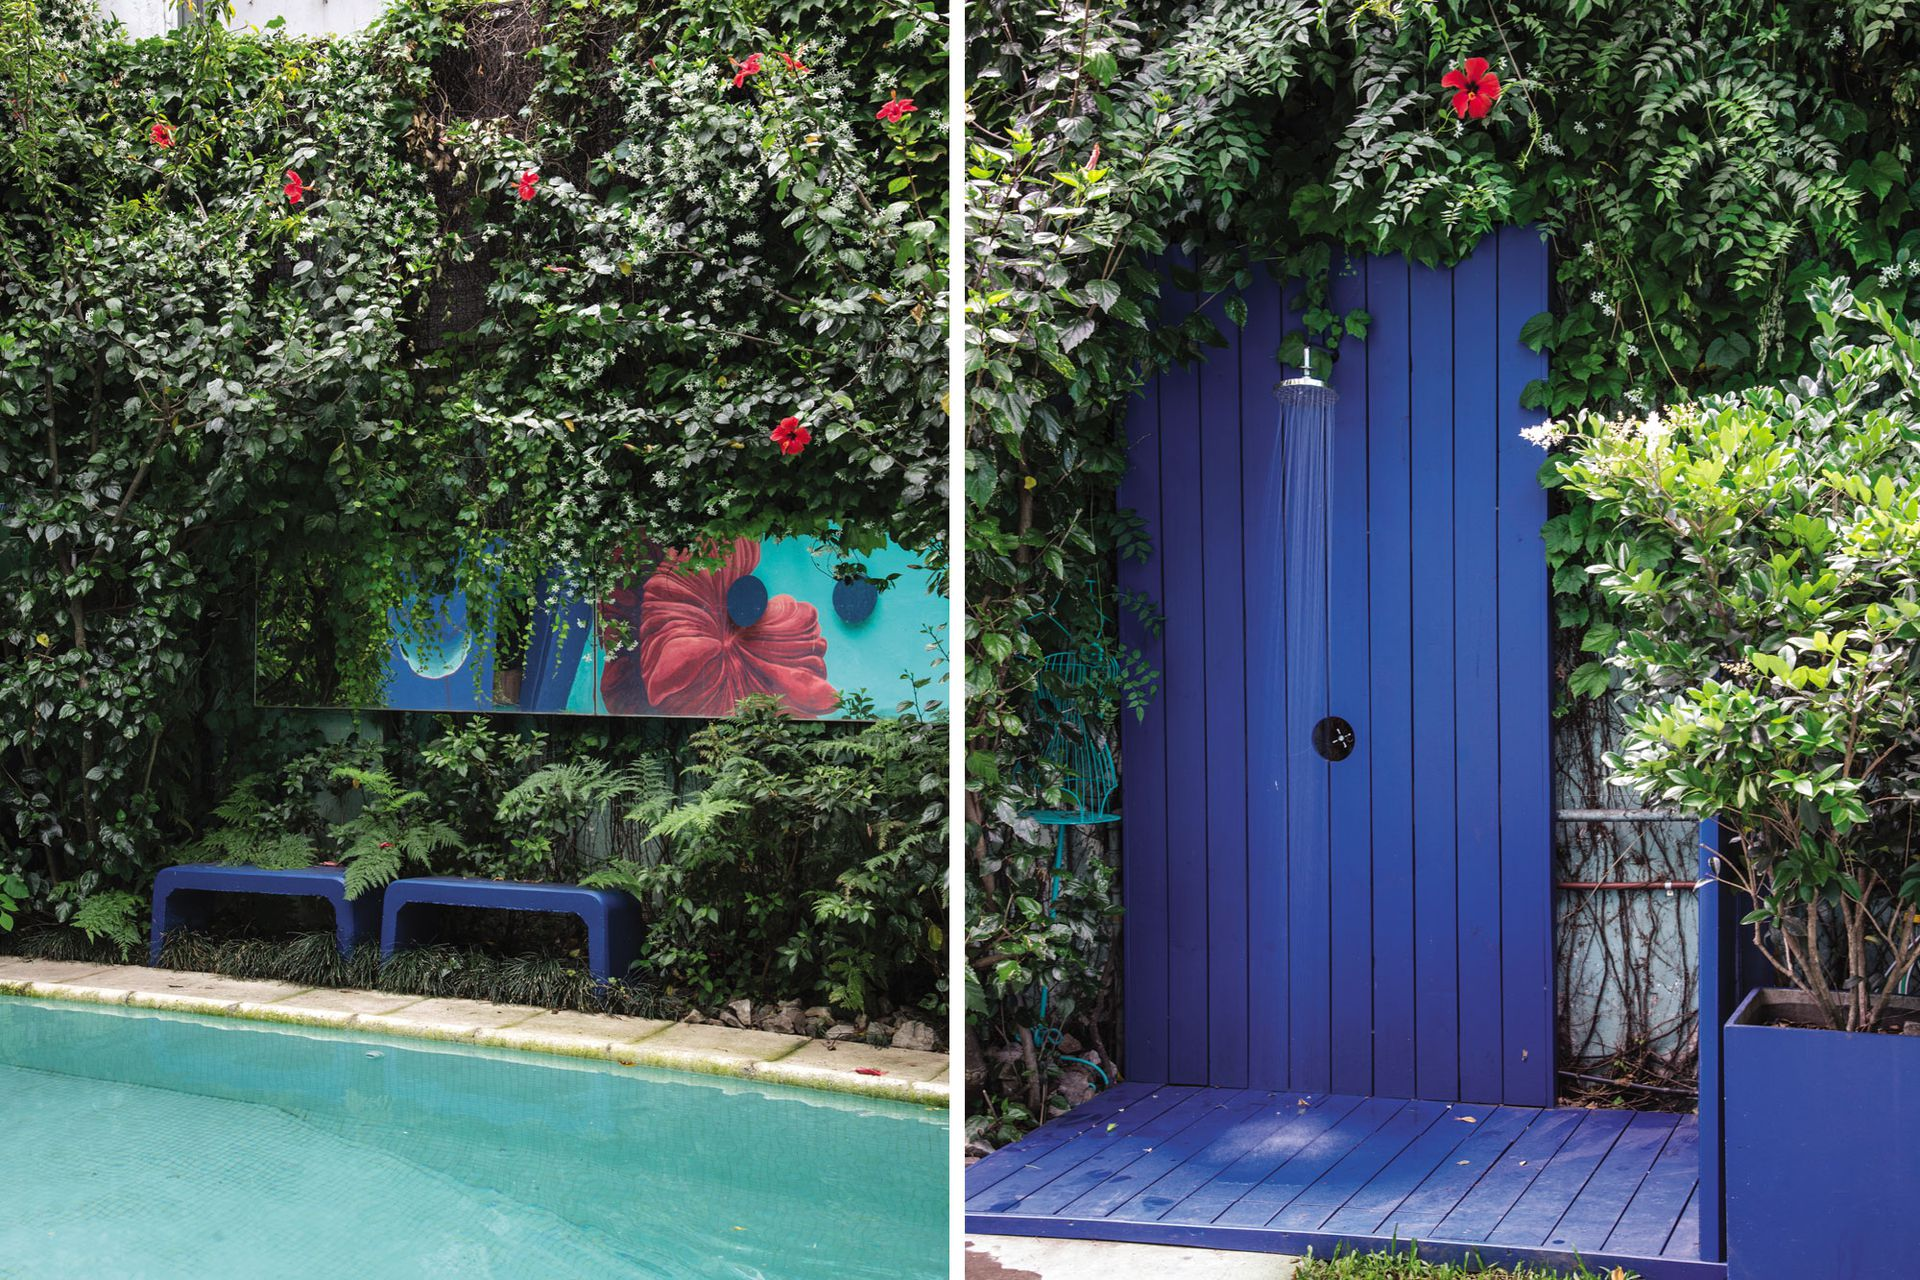 A la izquierda, ampelopsis y jazmines de leche cubren una de las medianeras. A la derecha: la ducha de madera pintada con esmalte sintético azul repite el color y cierra el espacio.